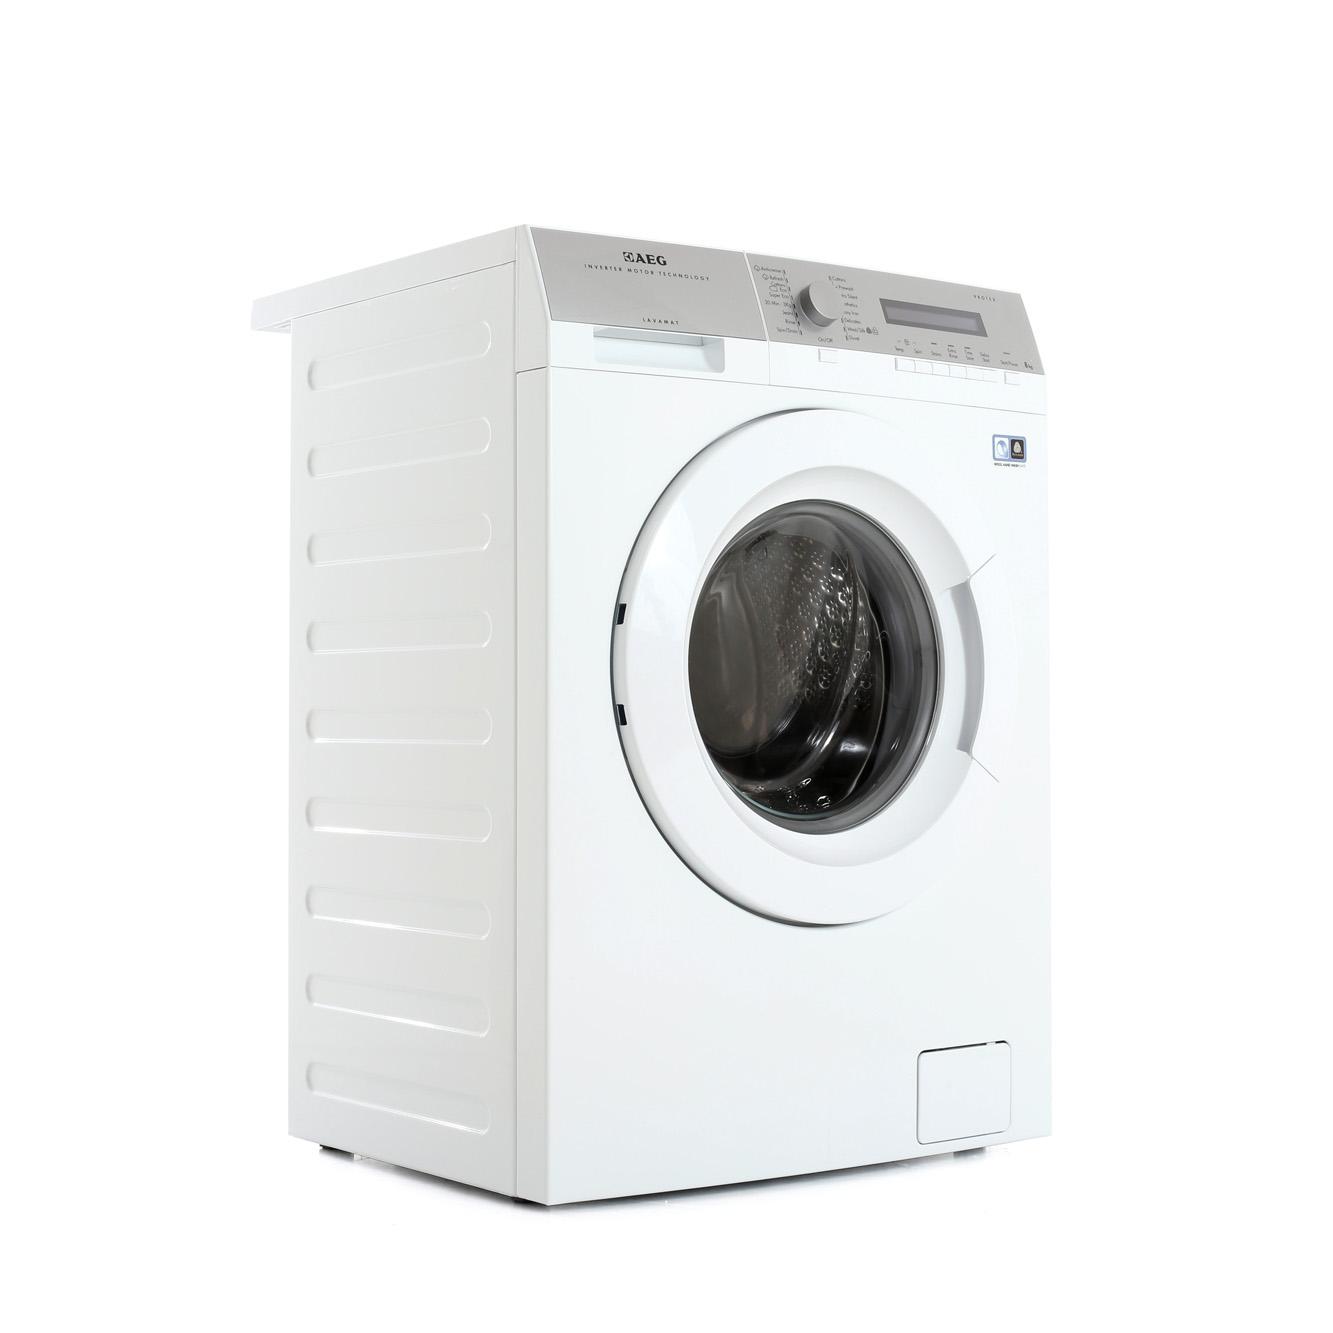 AEG LW74486FL Washing Machine